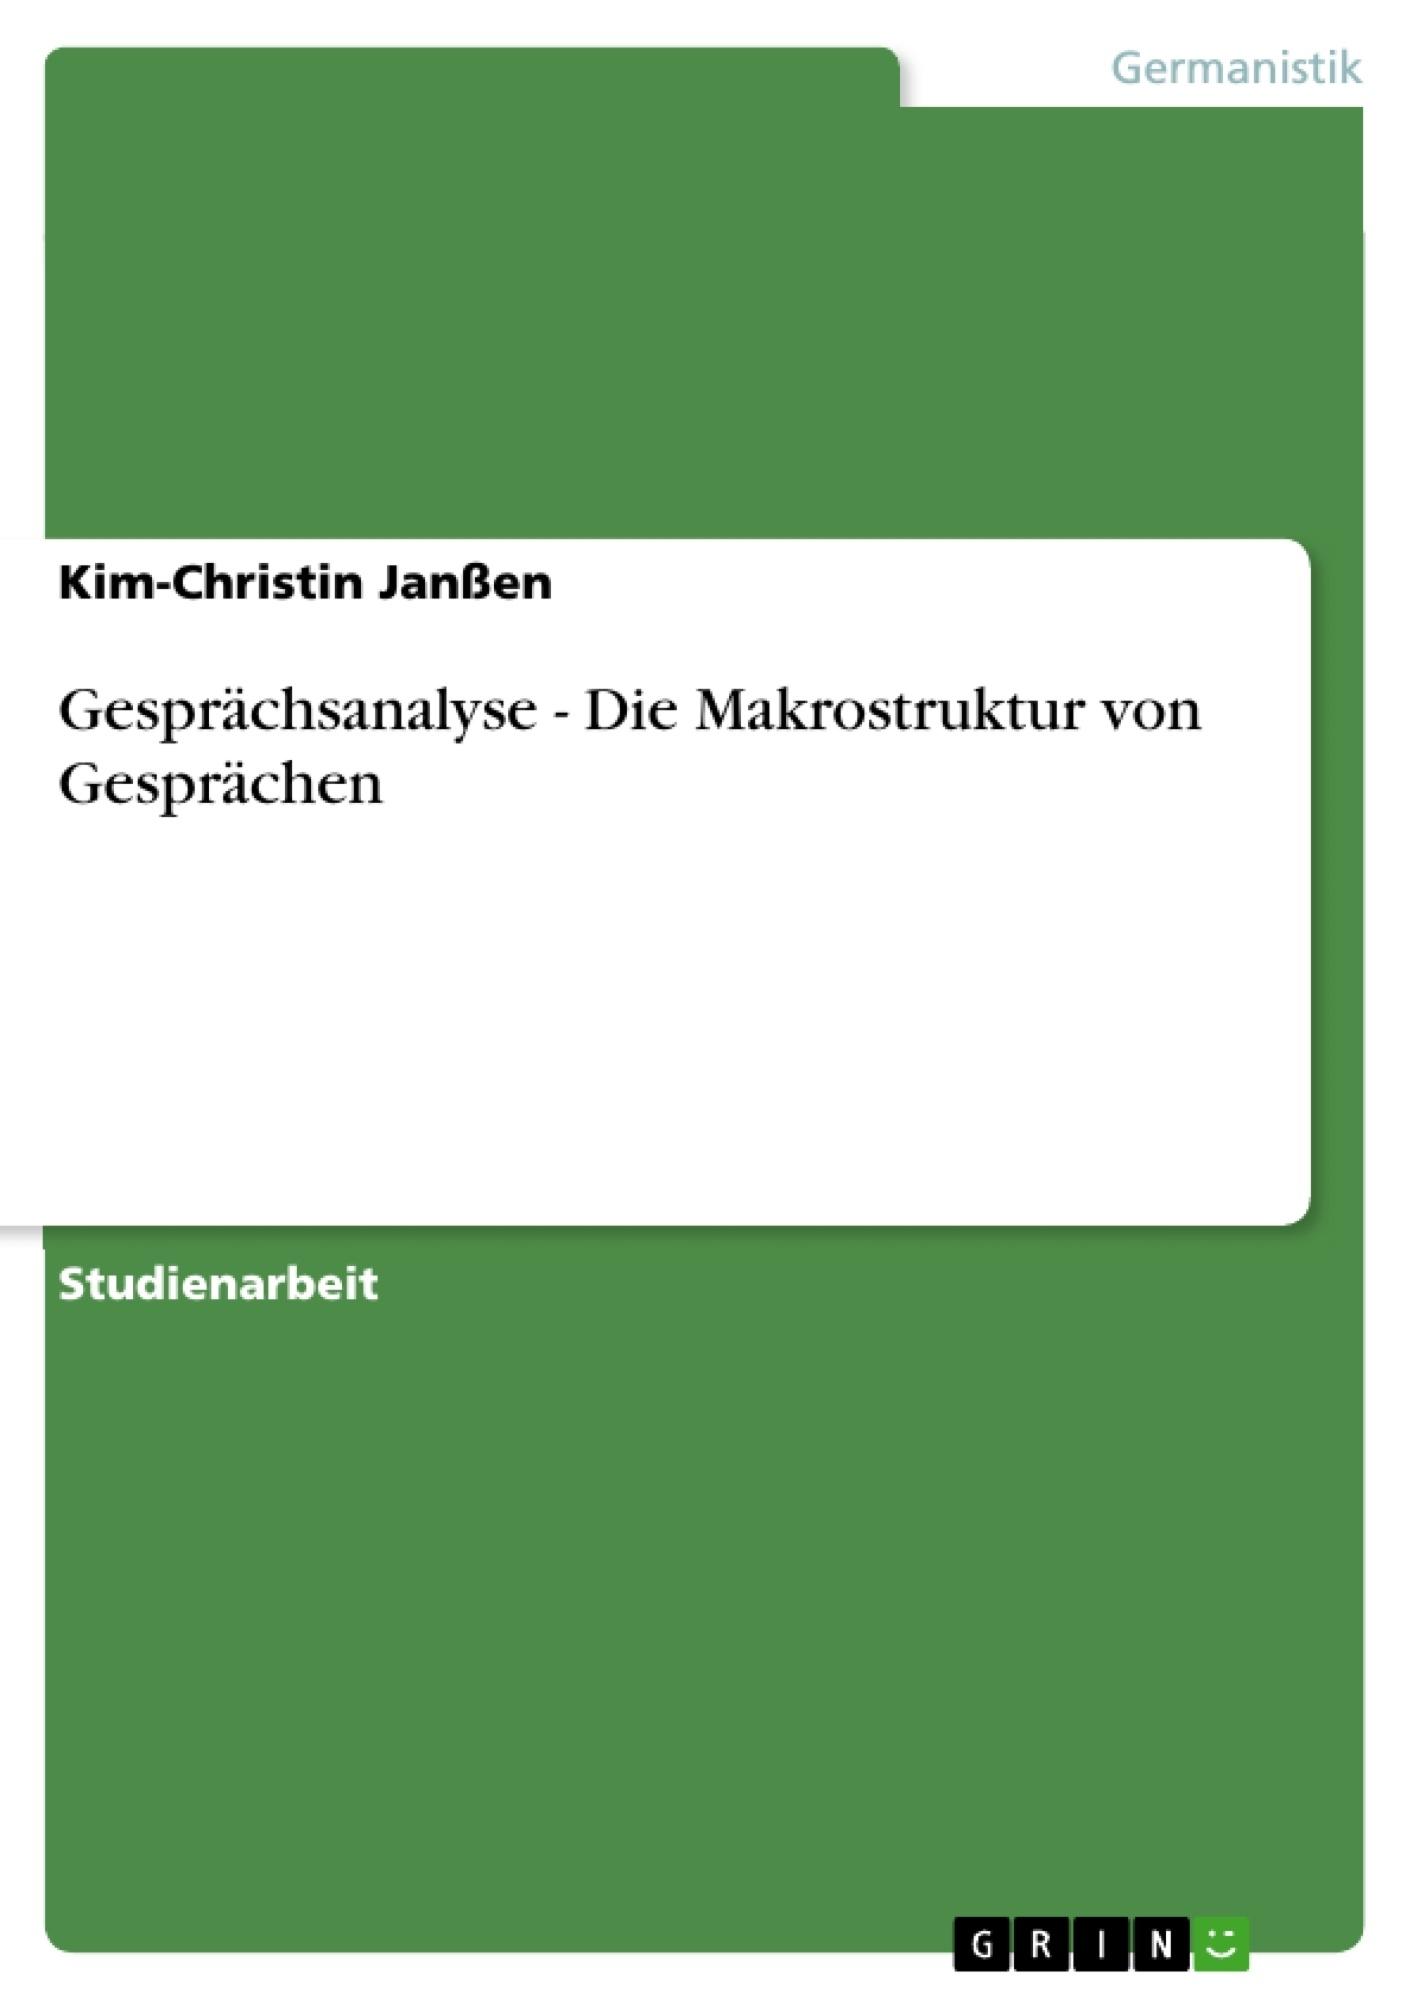 Titel: Gesprächsanalyse - Die Makrostruktur von Gesprächen